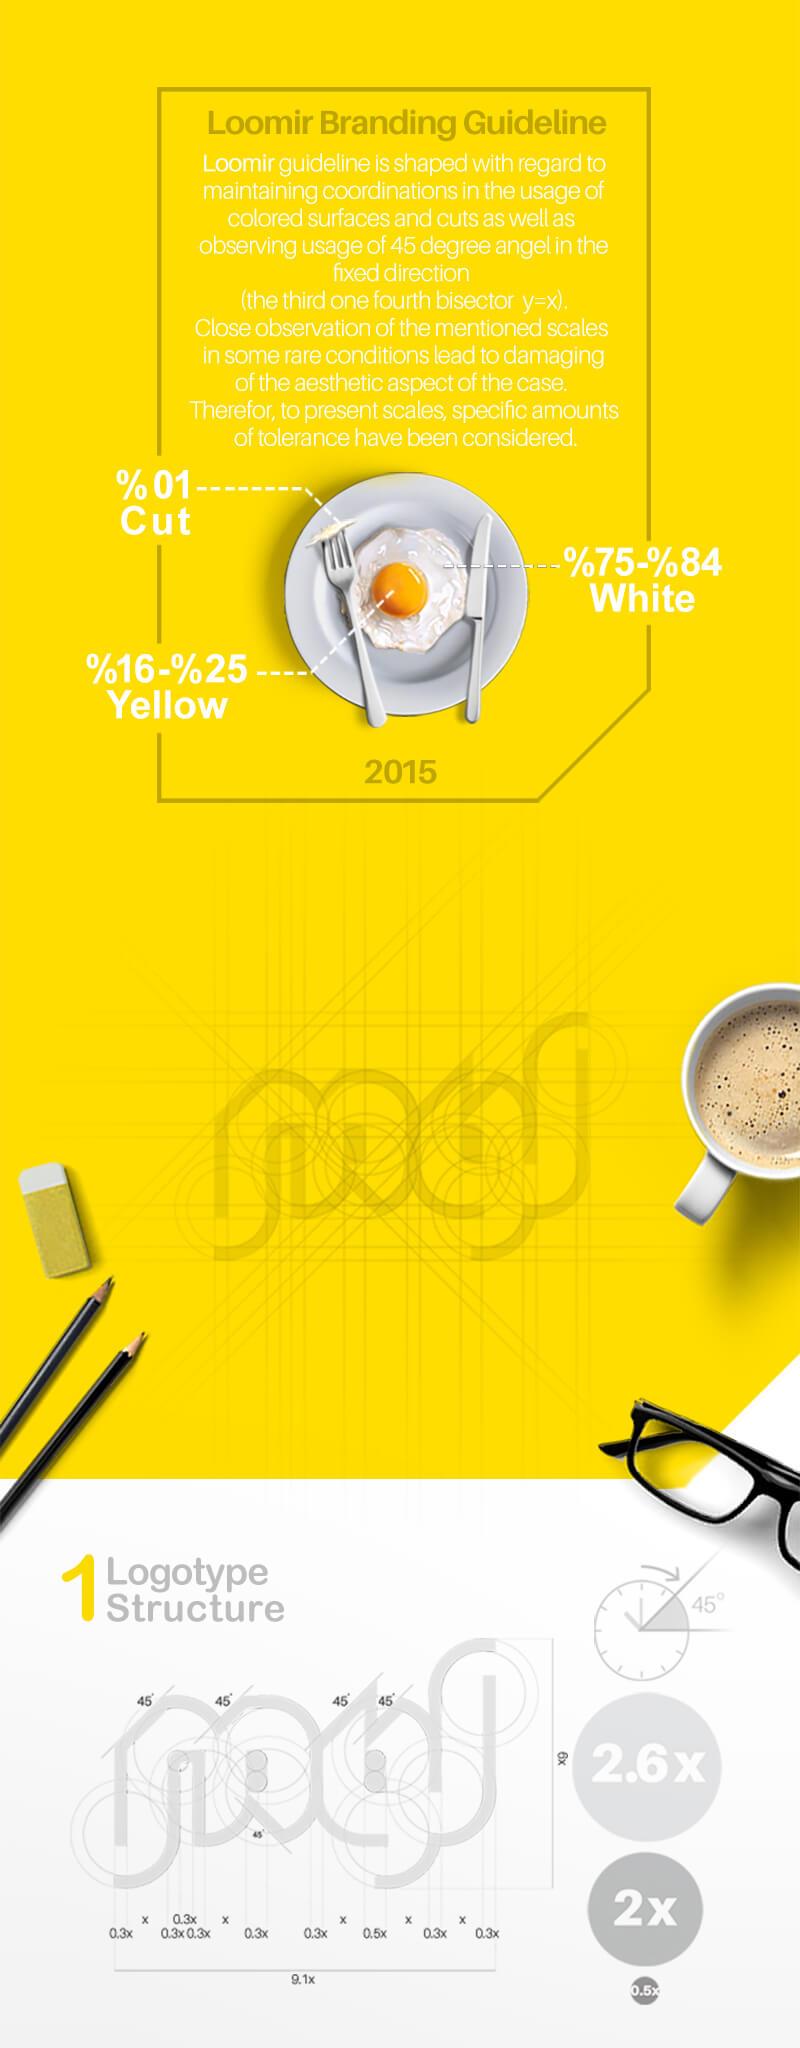 هویت بصری لومیر 1، لومیر، هویت بصری، طراحی لوگو، طراحی لوگوتایپ، طراحی ست اداری، طراحی اوراق اداری، شرکت تبلیغاتی الف، طراحی هویت بصری